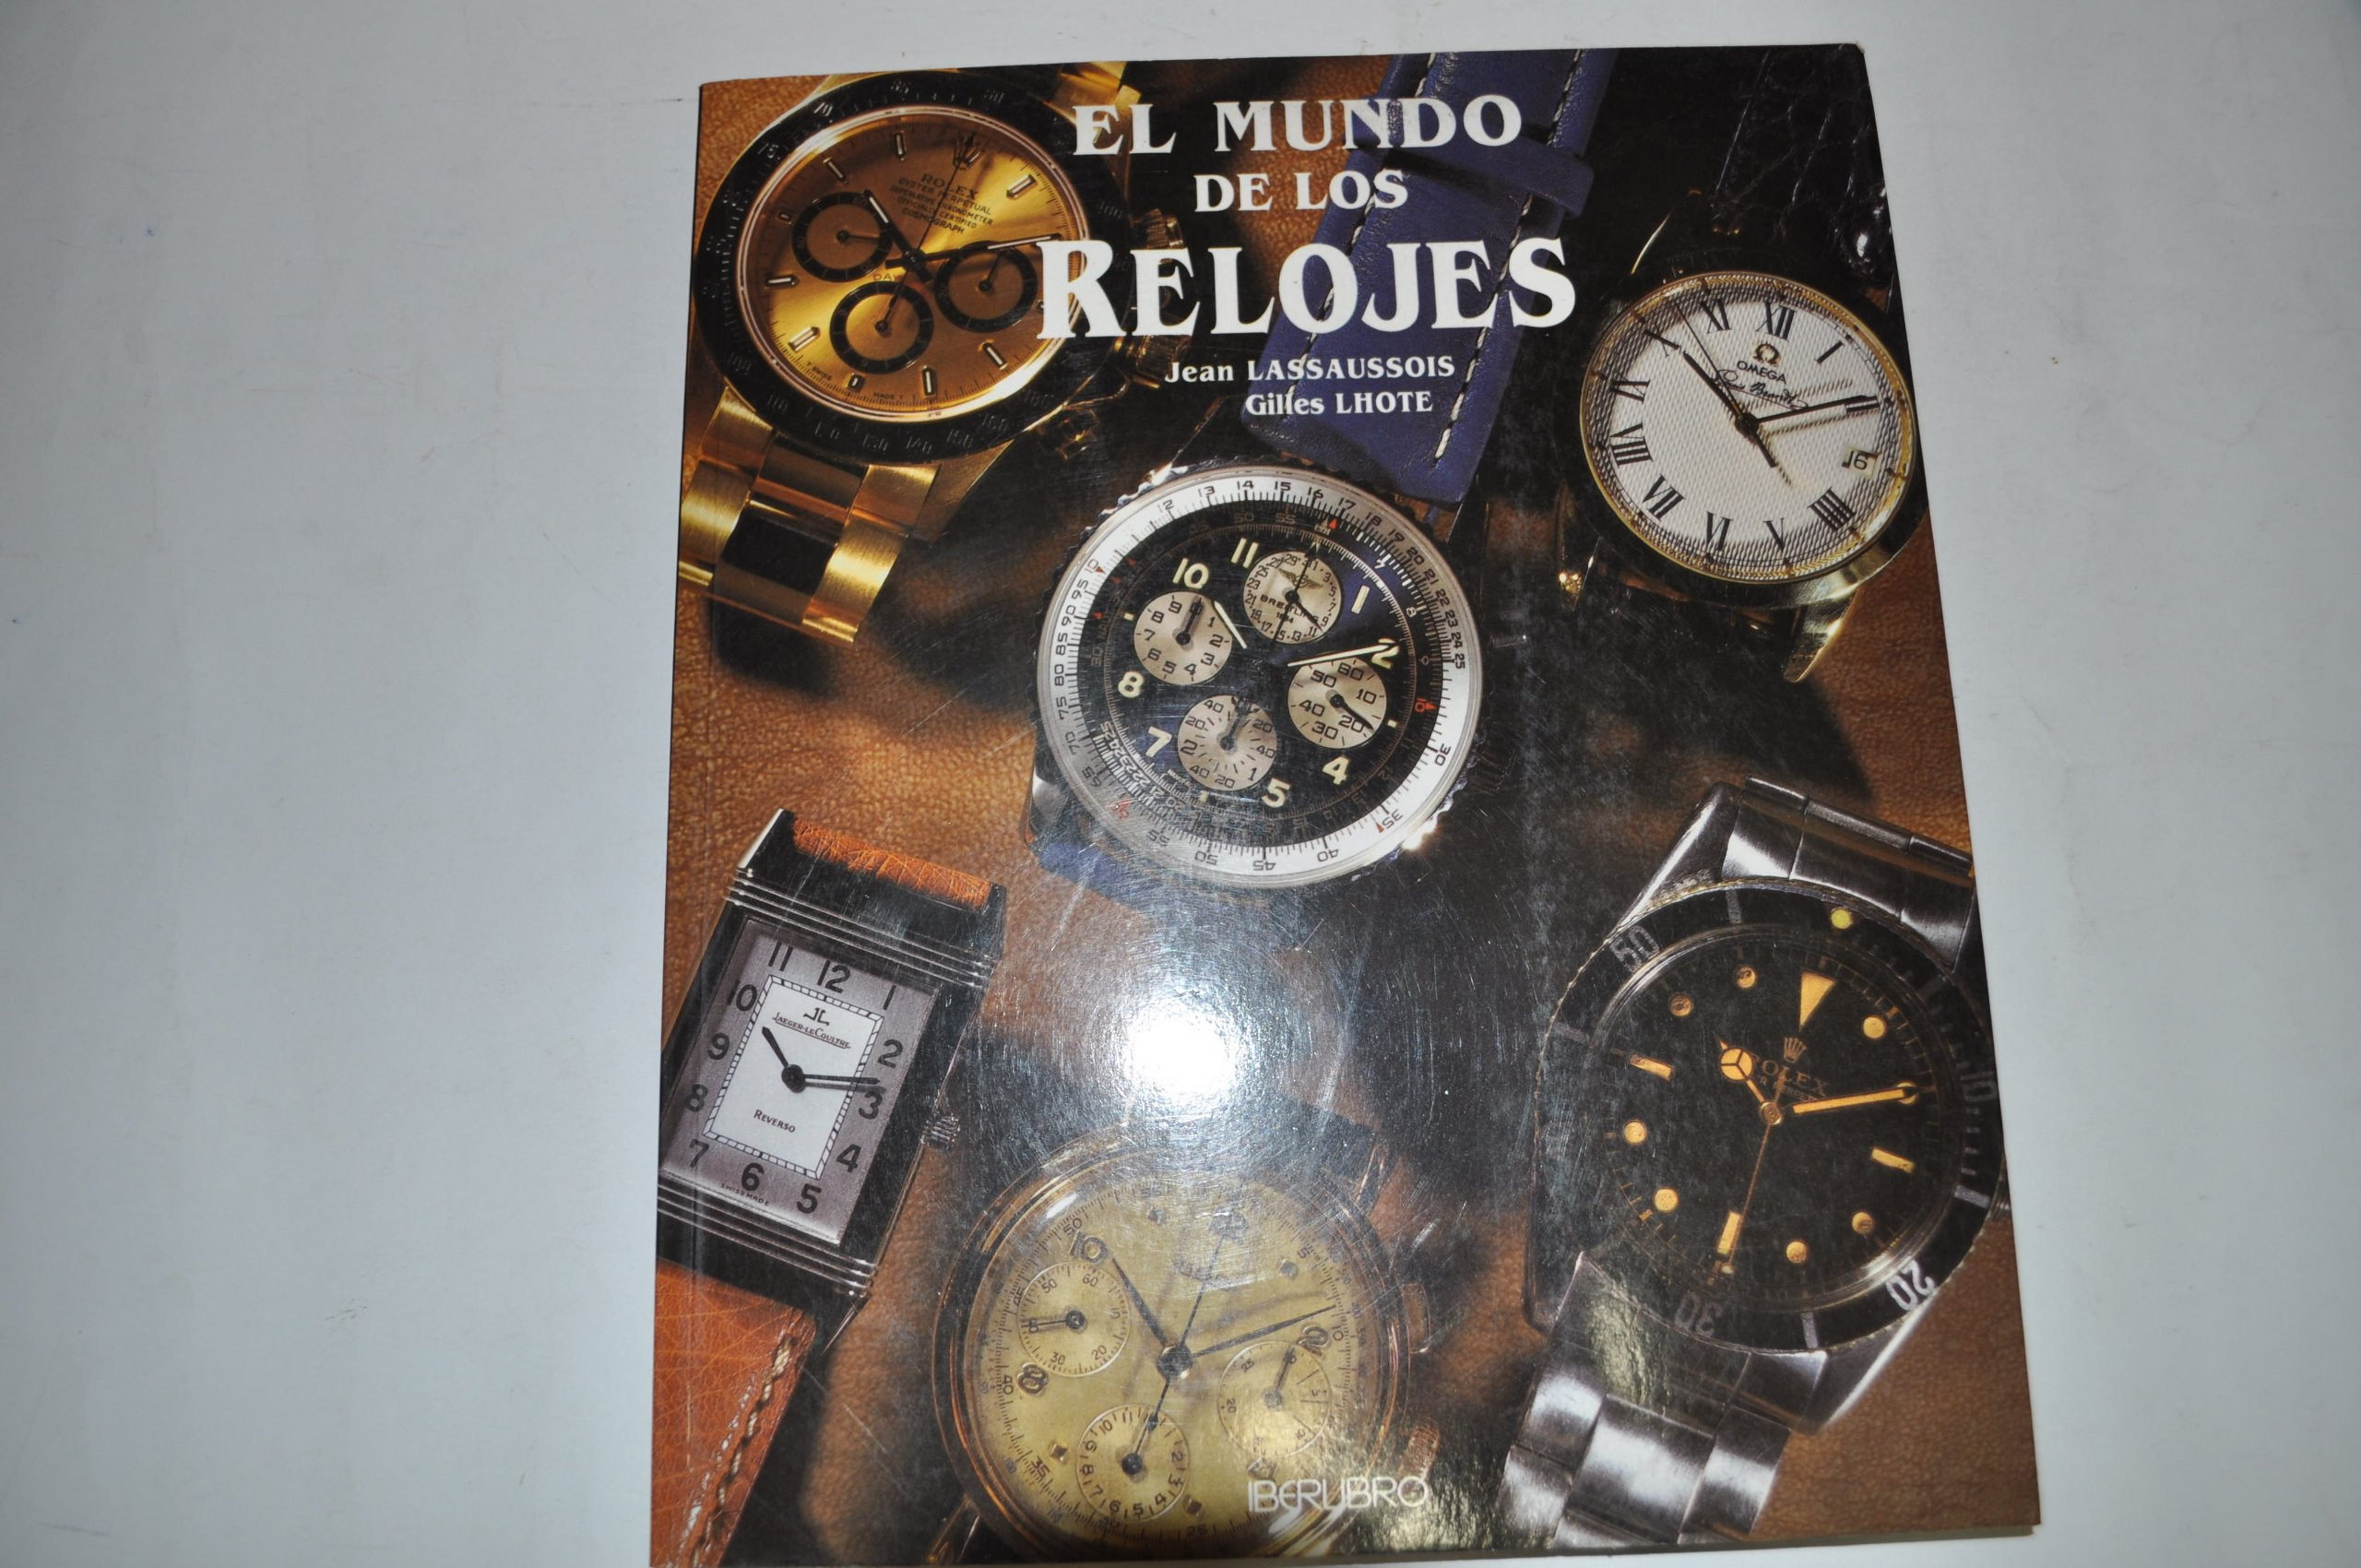 El Mundo de Los Relojes (Spanish Edition) (Spanish) Paperback – December, 1996